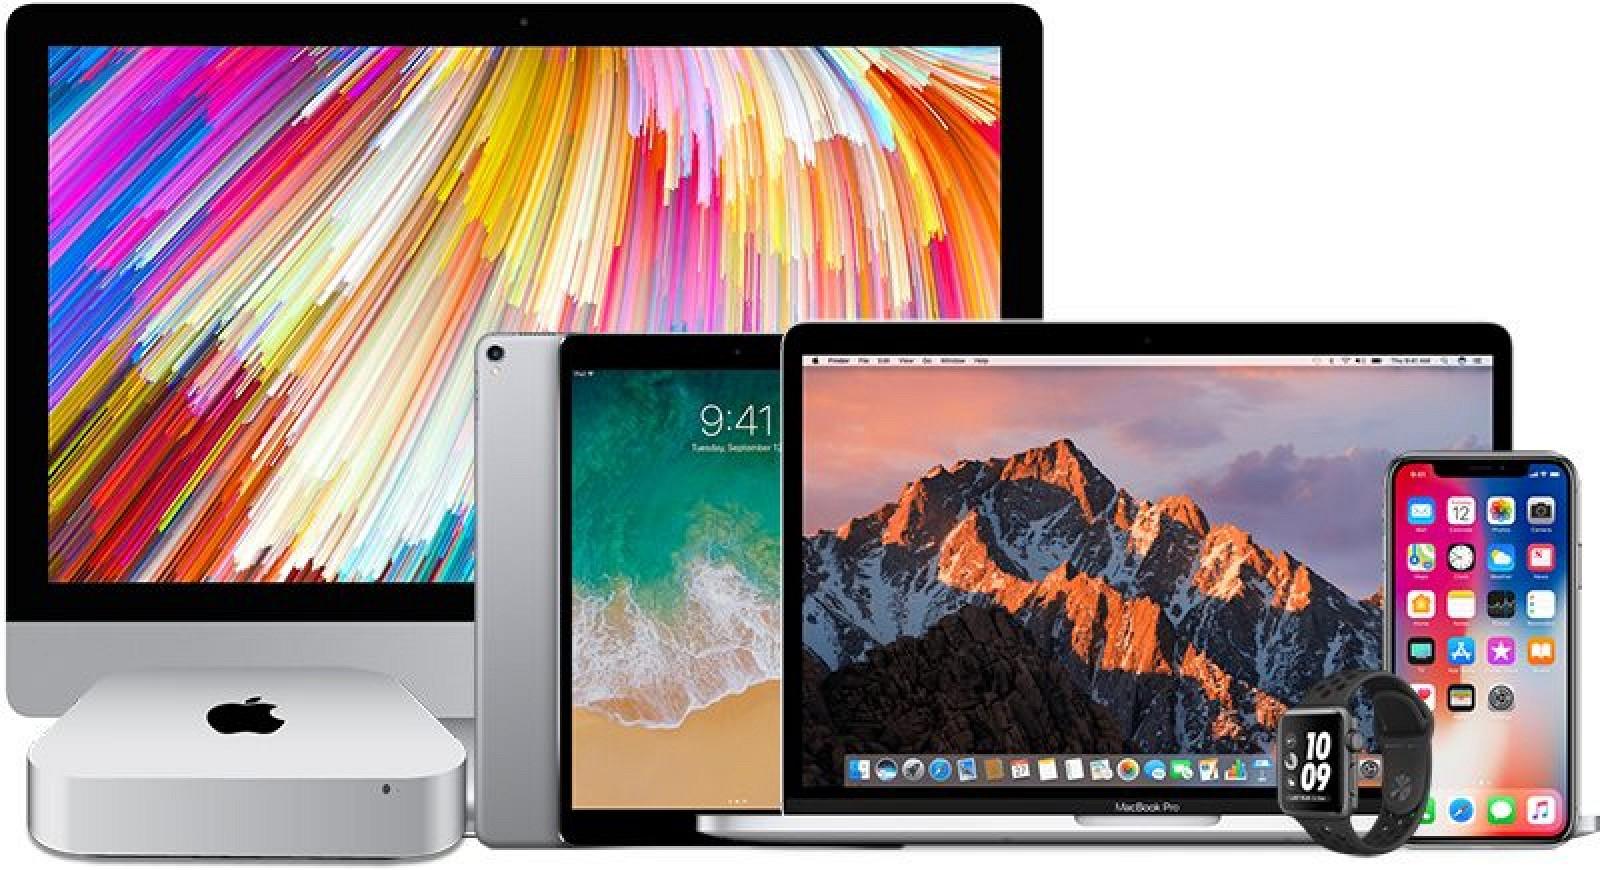 Media Markt DE - Apple Special - 4.2.2019 - nur von 4-5 Uhr Früh - neue BESTPREISE